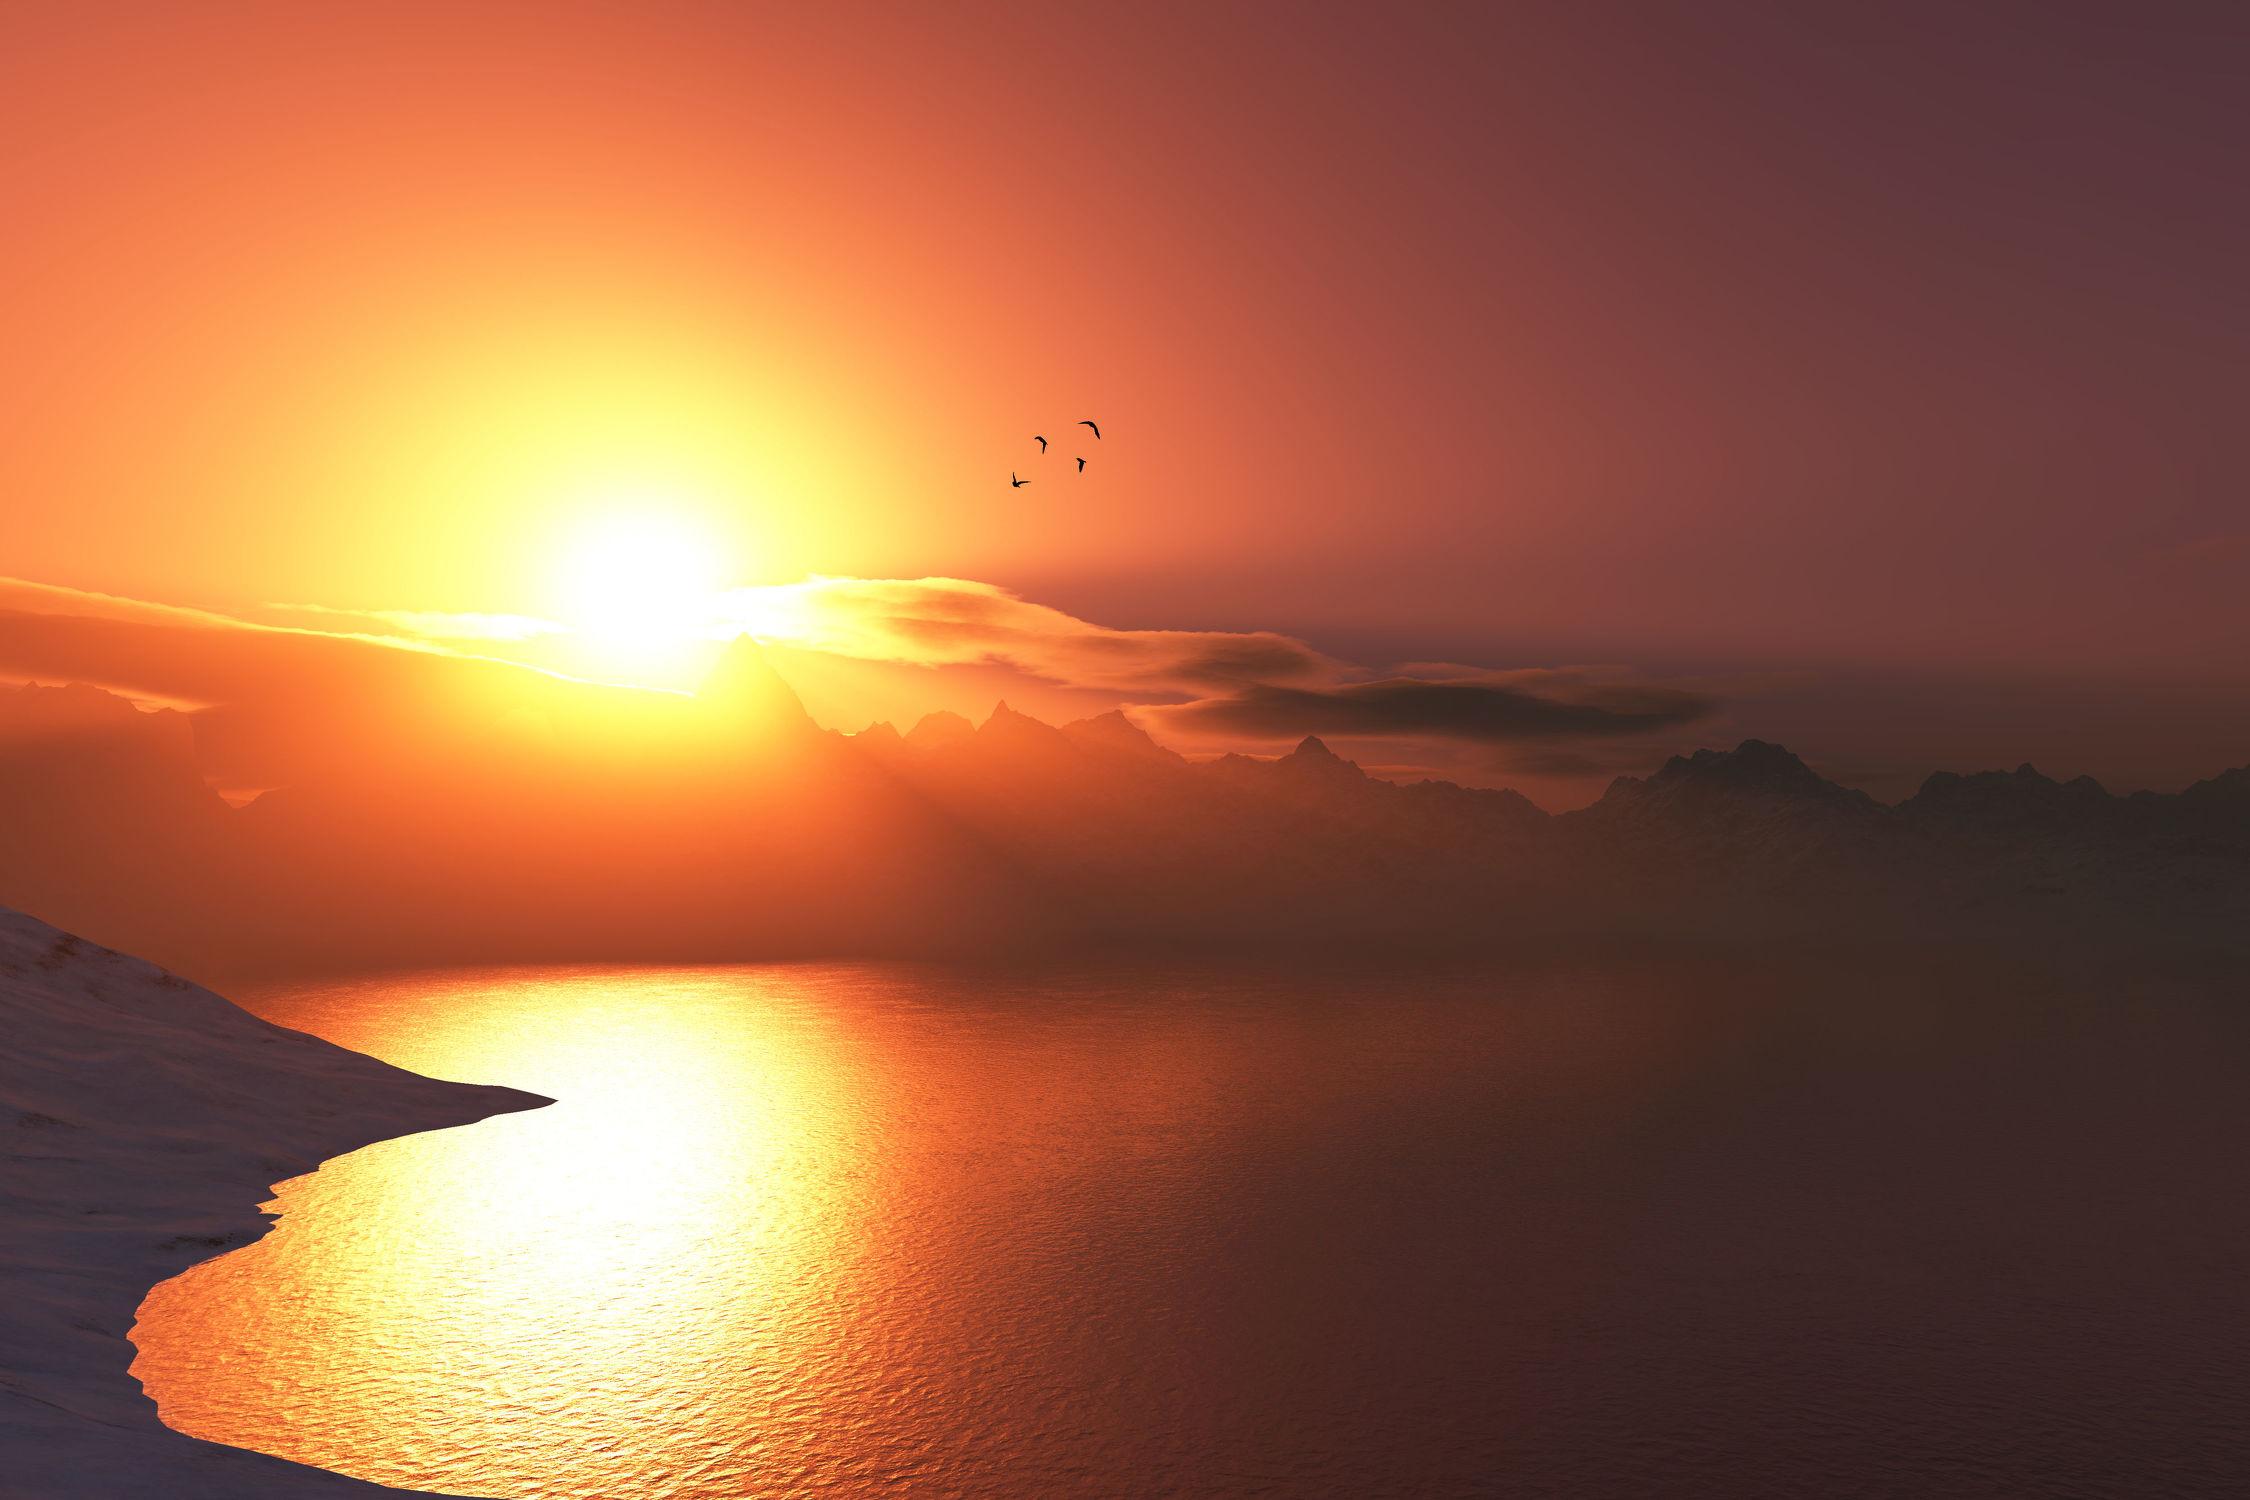 Bild mit Landschaften, Berge, Gewässer, Seen, Sonnenuntergang, Sonnenaufgang, Sonne, Landschaft, See, landscape, berg, aussicht, atemberaubend